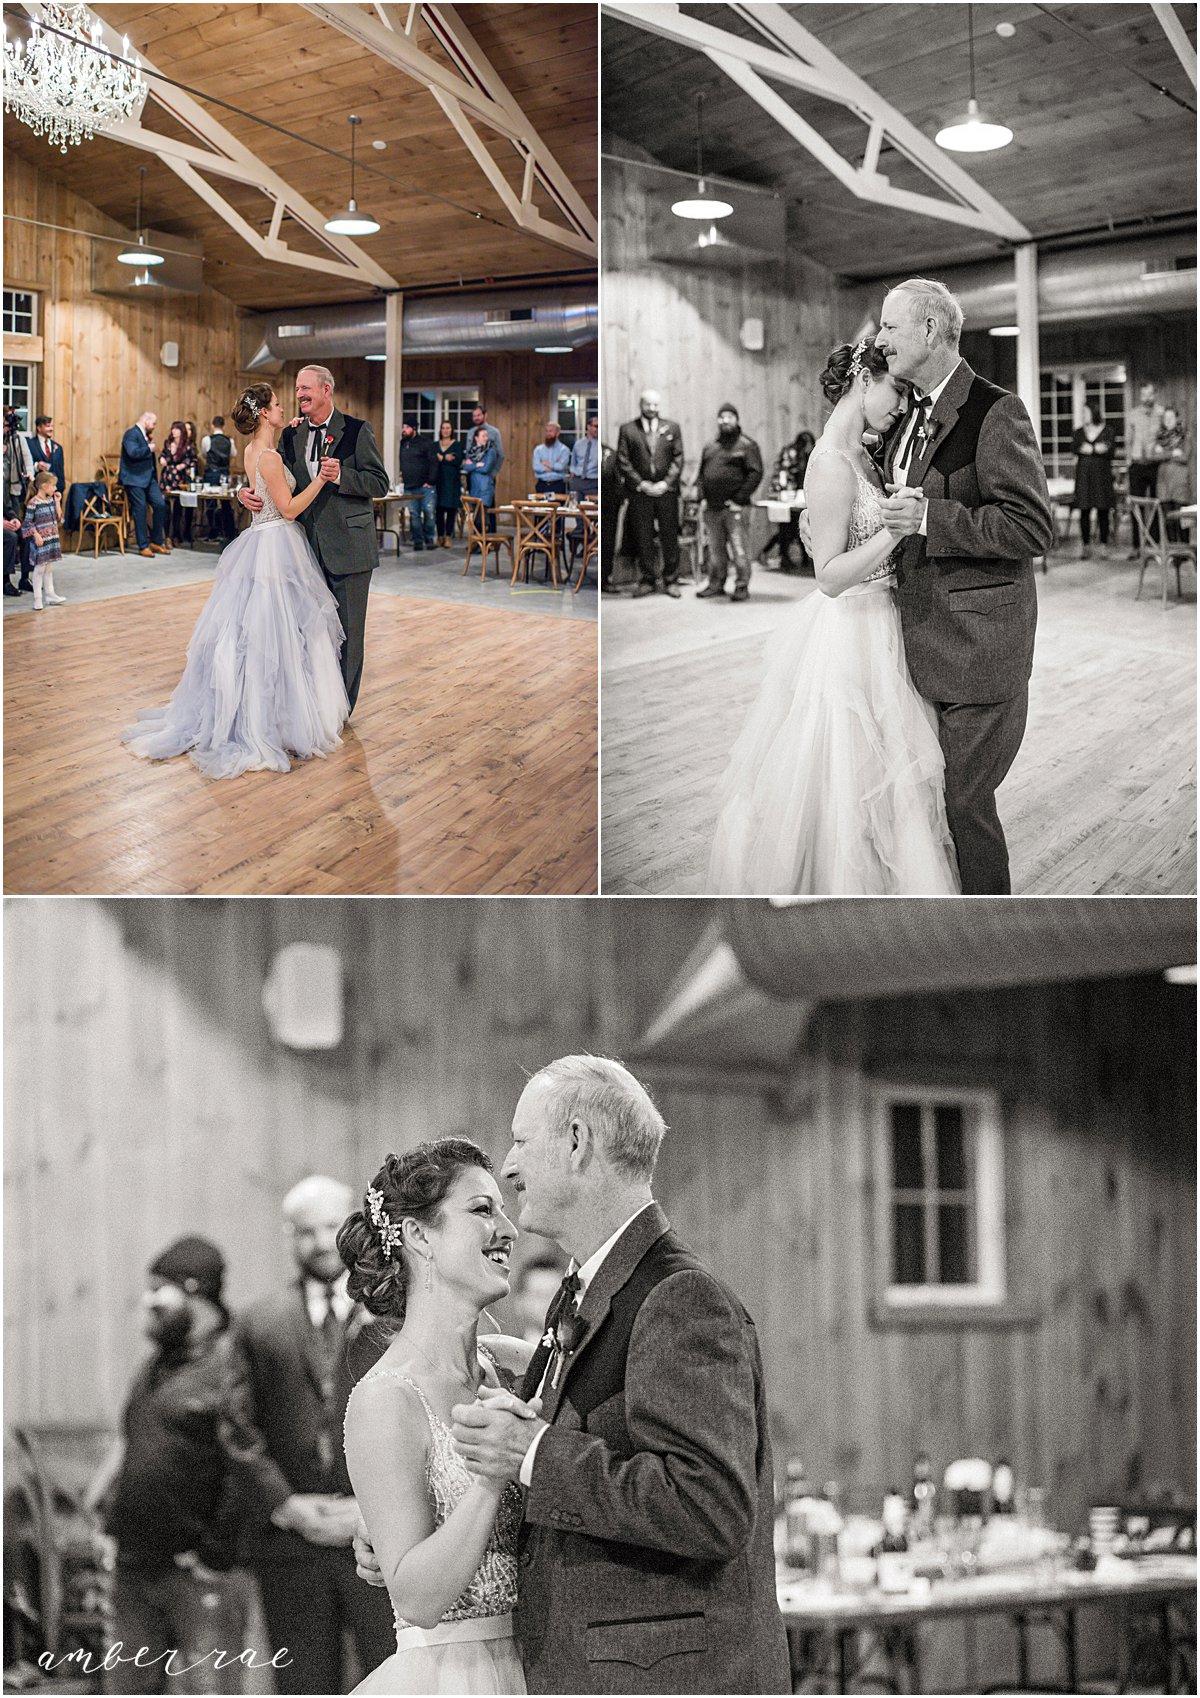 Helget Wedding Dec 2017_0049.jpg